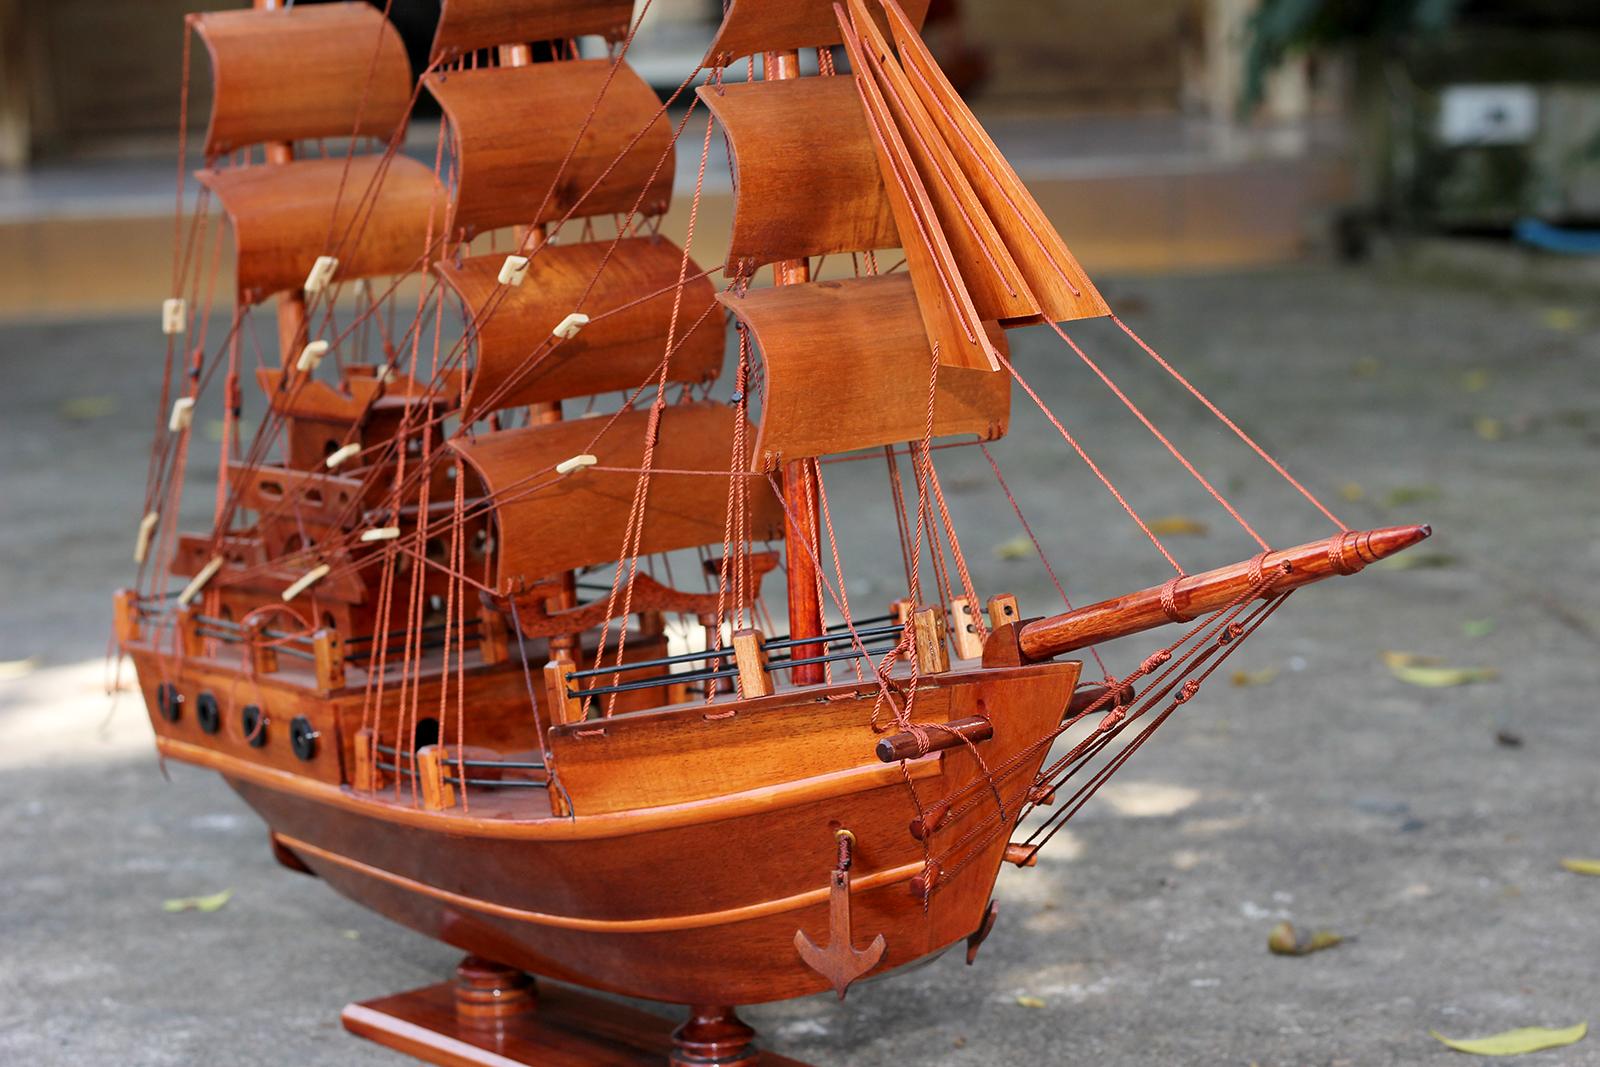 Mô hình thuyền buồm gỗ trang trí Thuyền Thái thân tàu 60cm, trang trí nhà cửa - phòng khách - bàn làm việc, quà tặng tân gia - sinh nhật - khai trương